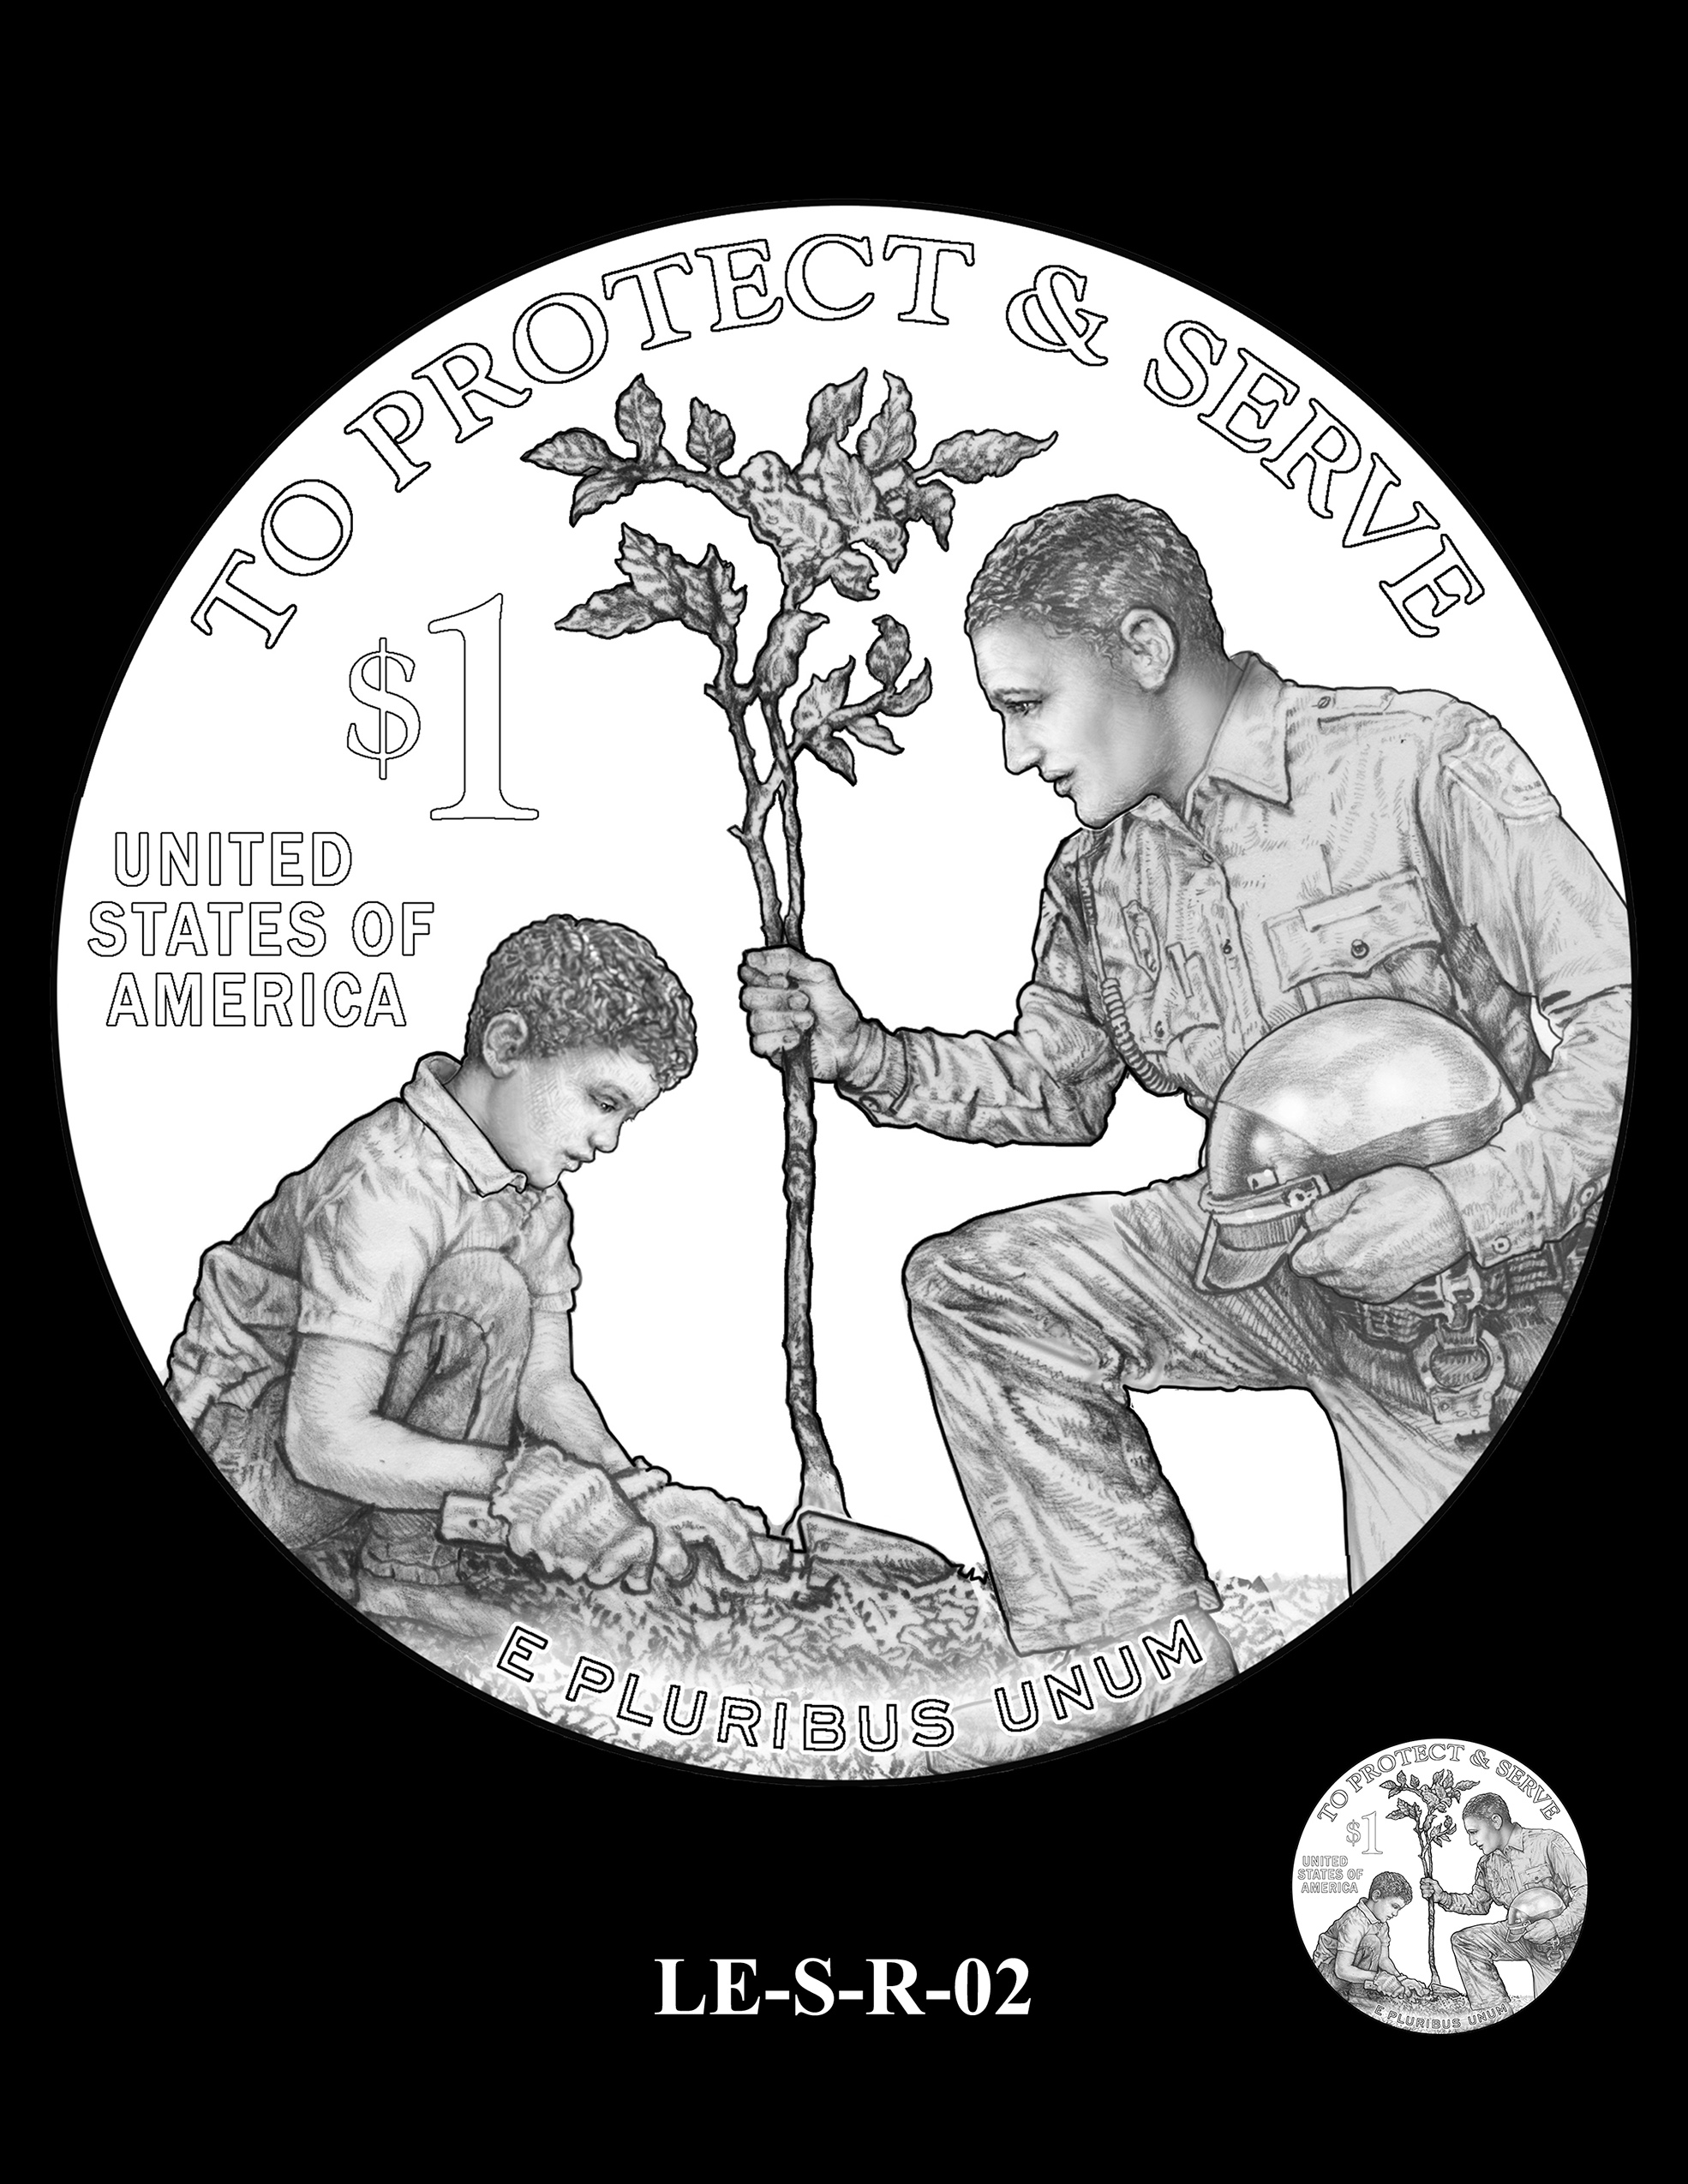 LE-S-R-02 -- National Law Enforcement Museum Commemorative Coin Program